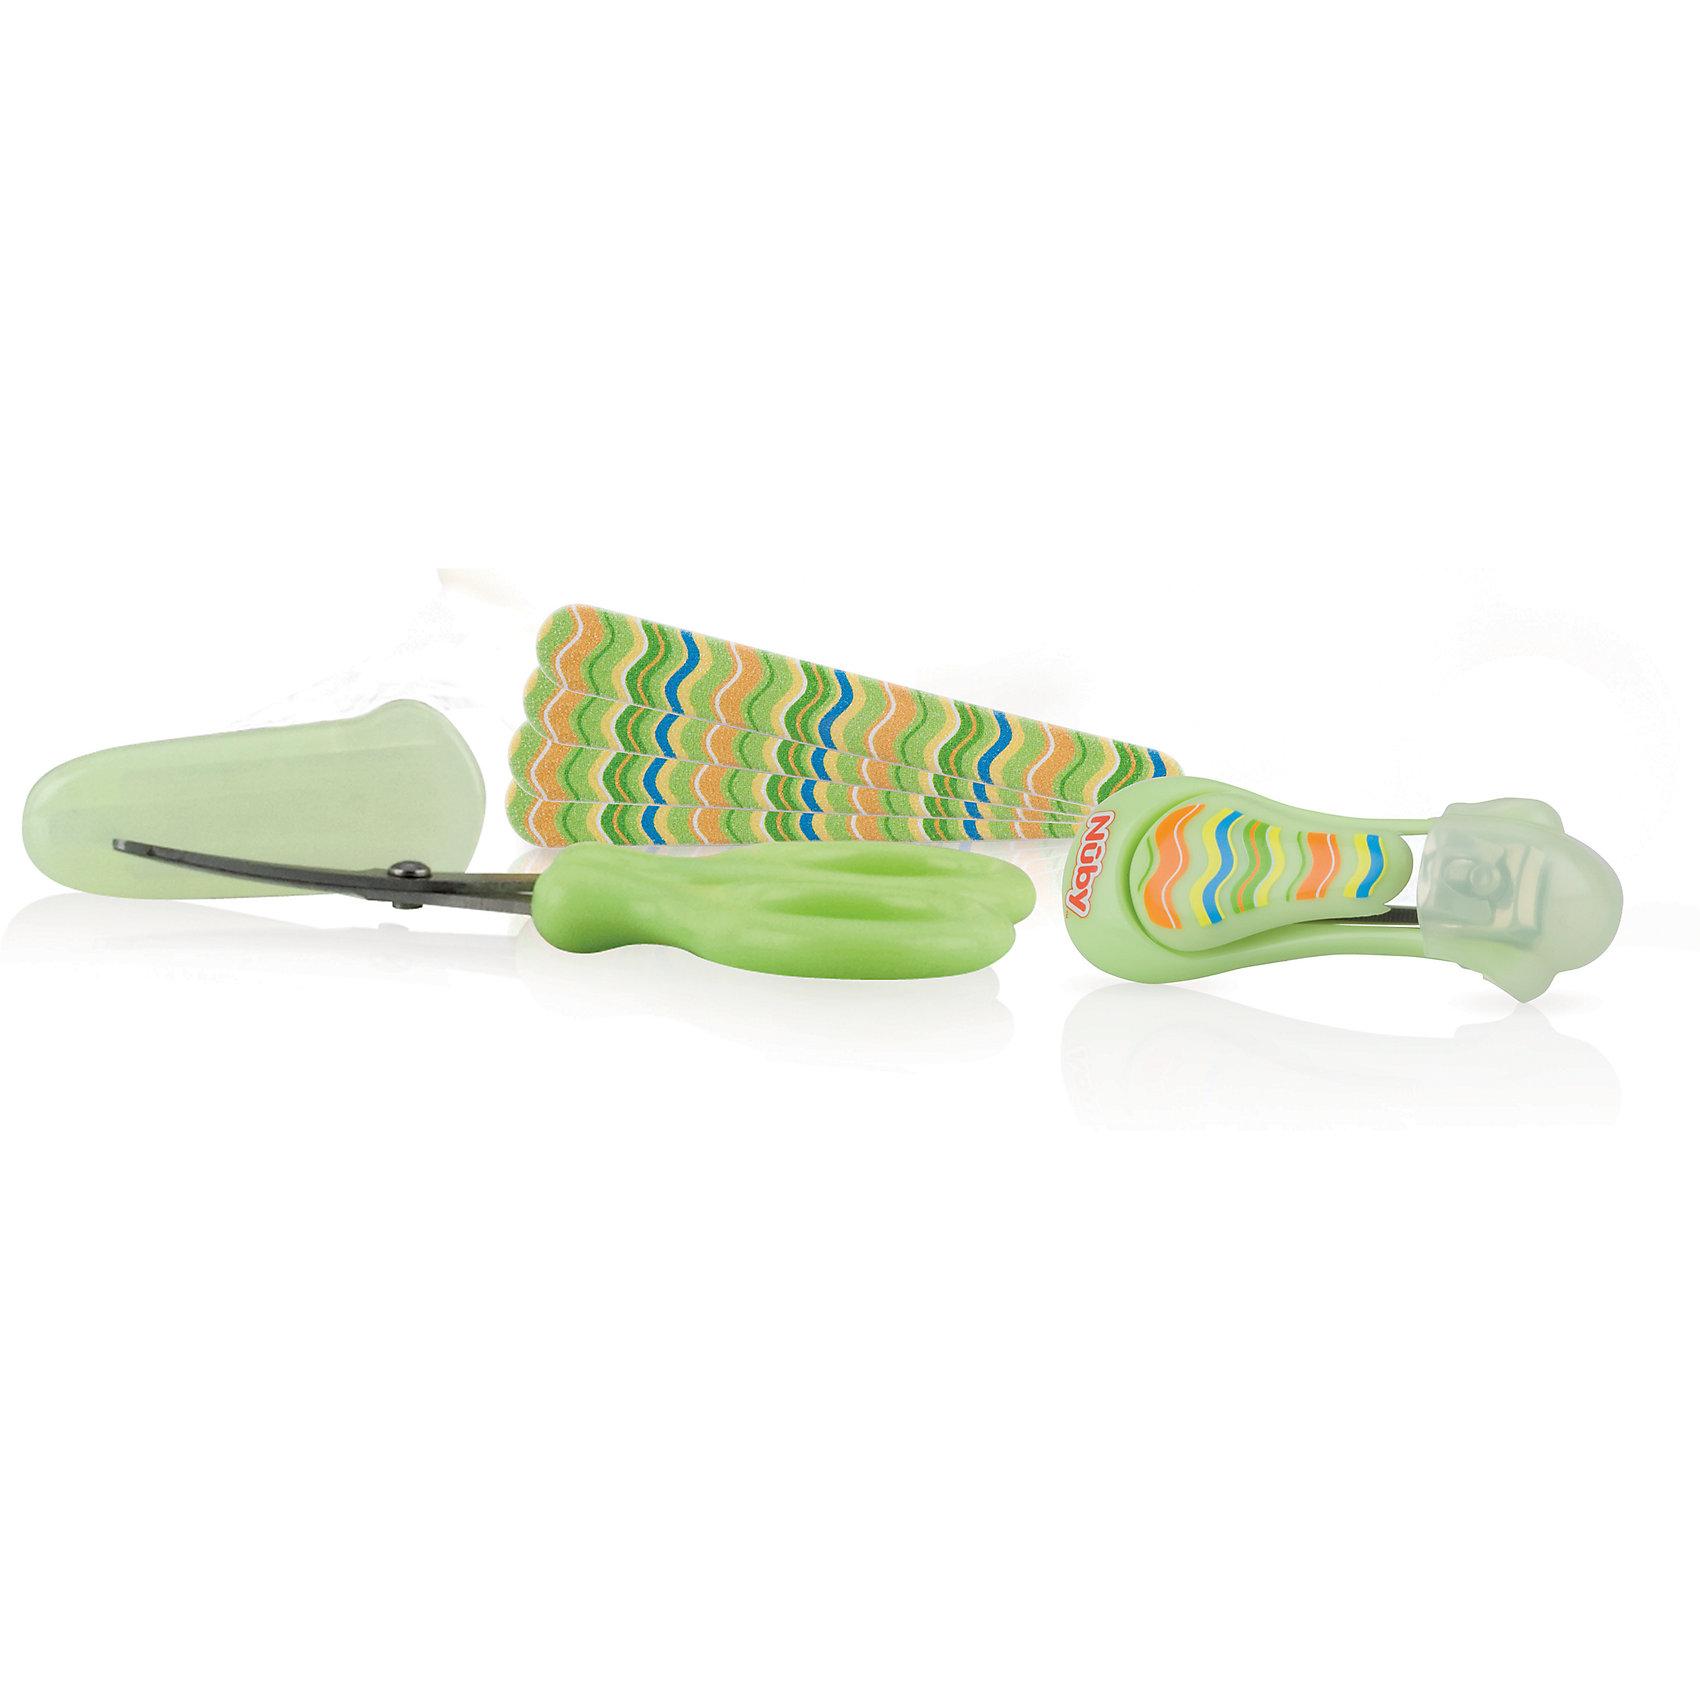 Маникюрный набор Nuby, зеленыйаникюрный набор Nuby (Нуби) - облегчает процедуру ухода за ногтями ребенка каждой заботливой маме. Благодаря тонким лезвиям из металла и закругленным концам, ножницы позволяют стричь маленькие ногти Вашего малыша более аккуратно и безопасно. В комплект входят все инструменты по уходу за ноготками ребенка. Щипчики легко откусывают отросшие ногти. Ножницами можно подправить индивидуальную форму, а пилочка не оставит зазубрин и отшлифует ноготок. С маникюрным набором Nuby (Нуби) ноготочки Вашего крохи всегда будут в порядке!<br><br>Дополнительная информация:<br><br>- В комплекте: ножницы, щипчики, пилочка;<br>- Подходит для детей с рождения;<br>- Материал: полипропилен, нержавеющая сталь;<br>- Необходимо обработать спиртосодержащим средством перед первым использованием;<br>- Изготовлен из современных безопасных материалов;<br>- Размер: 17 х 2 х 10 см;<br>- Вес: 58 г<br><br>Маникюрный набор  Nuby (Нуби)  можно купить в нашем интернет-магазине.<br><br>Ширина мм: 100<br>Глубина мм: 20<br>Высота мм: 170<br>Вес г: 58<br>Цвет: зеленый<br>Возраст от месяцев: 0<br>Возраст до месяцев: 36<br>Пол: Унисекс<br>Возраст: Детский<br>SKU: 4385877